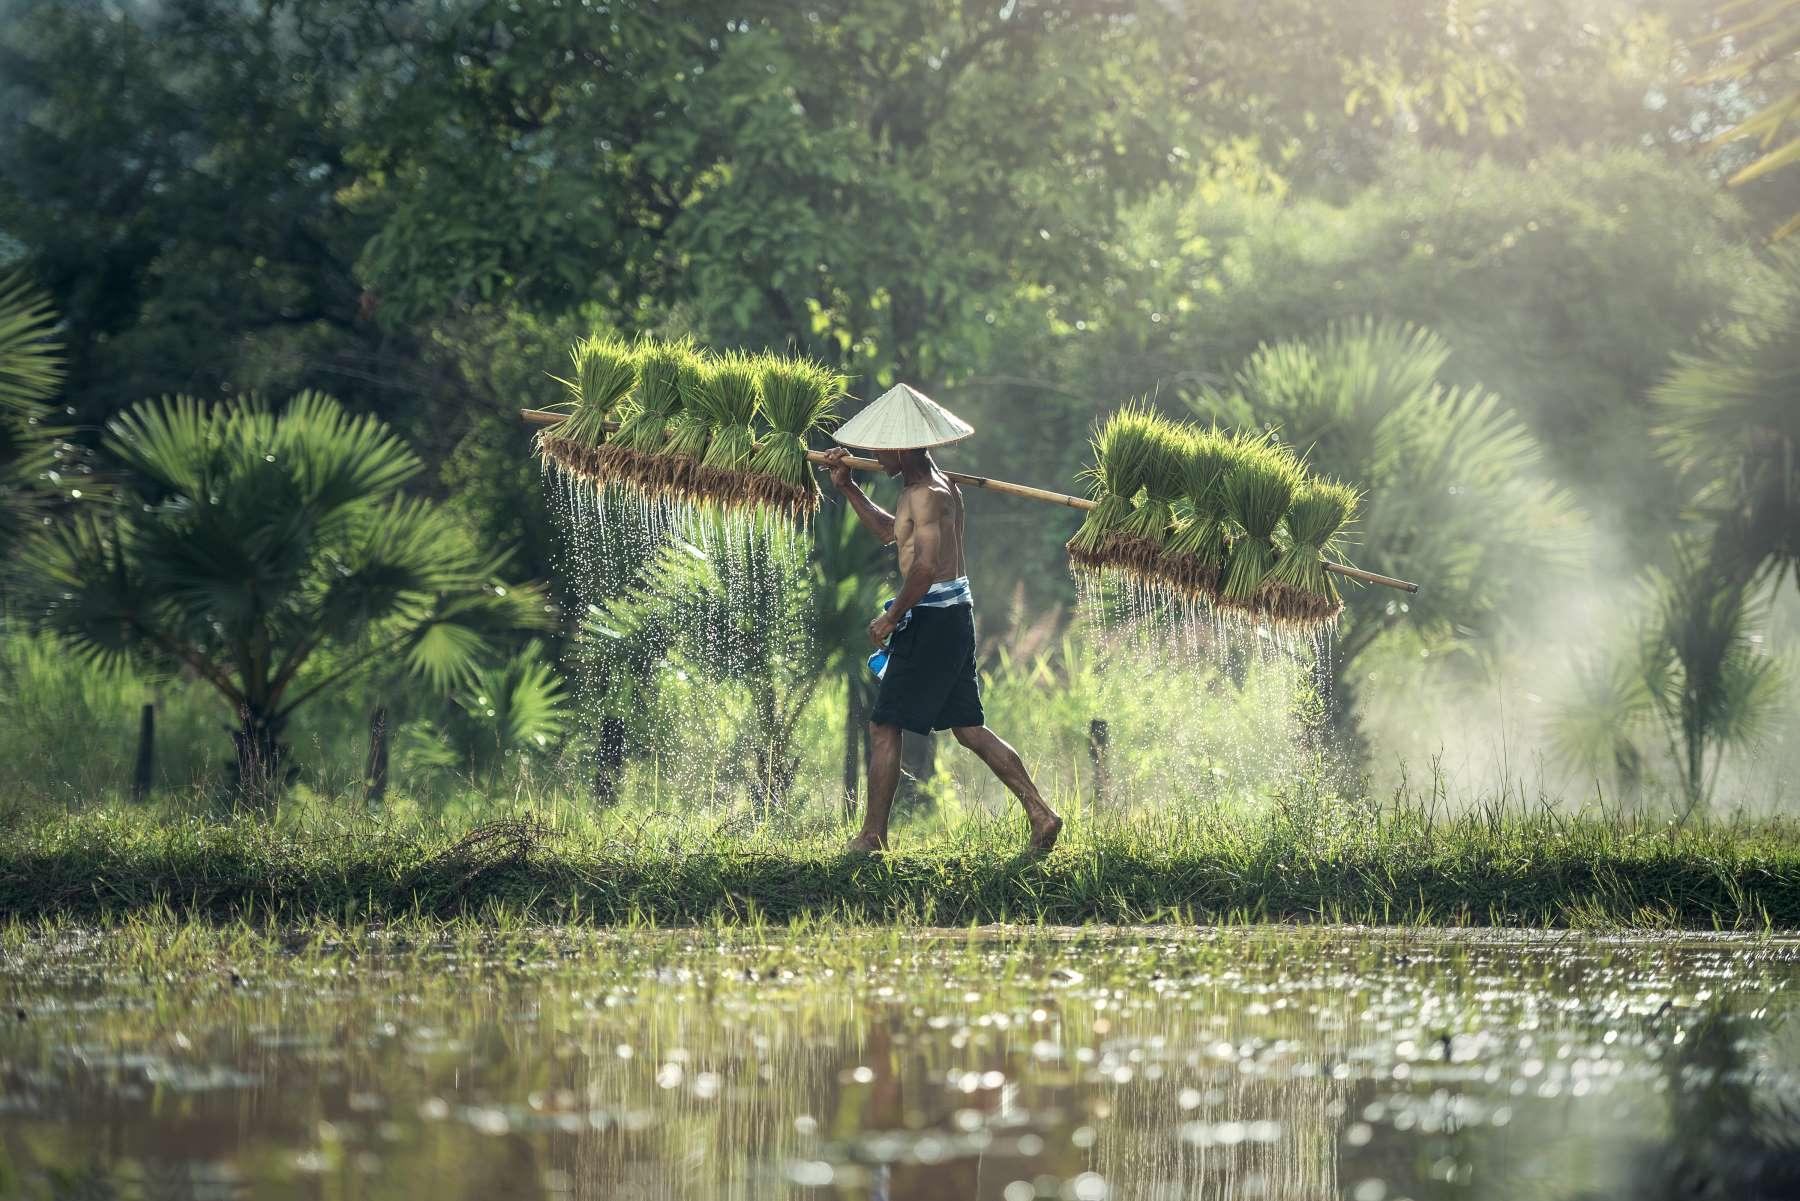 Destinationer Cover - Asien - Rejs dig lykkelig